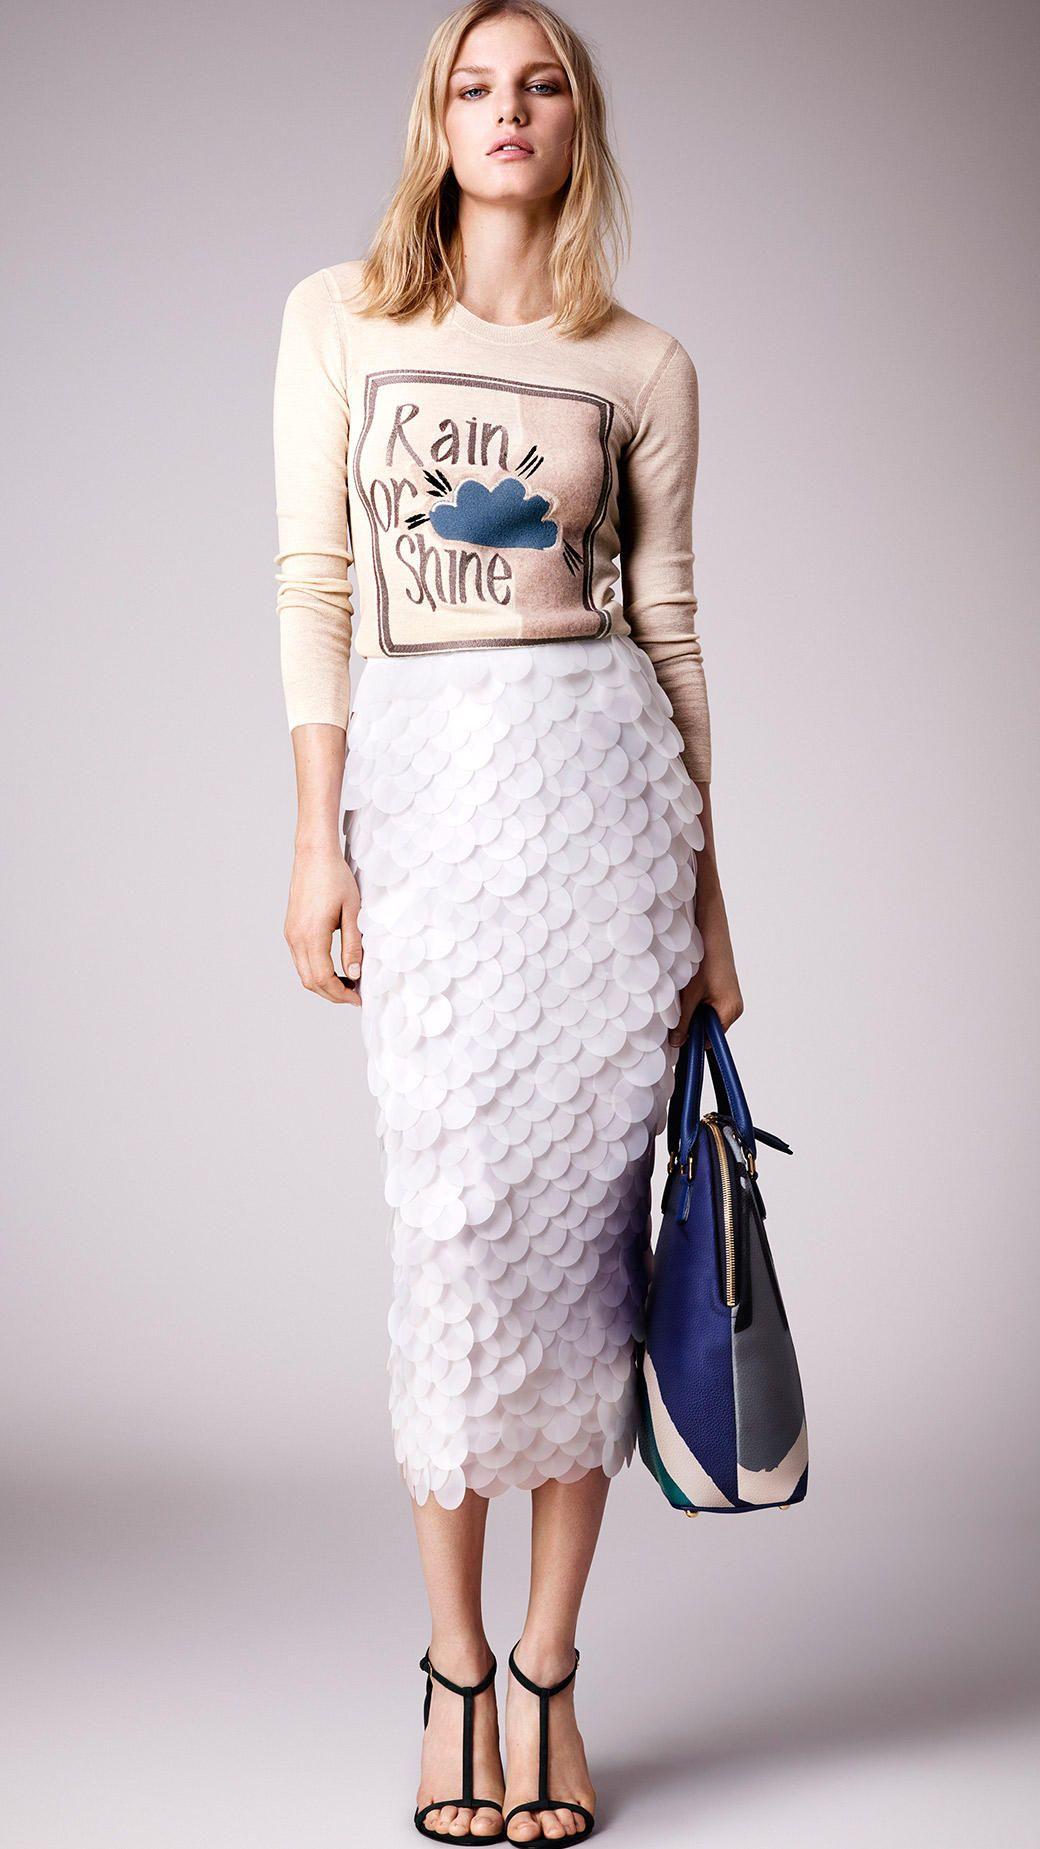 Burberry skirt again.